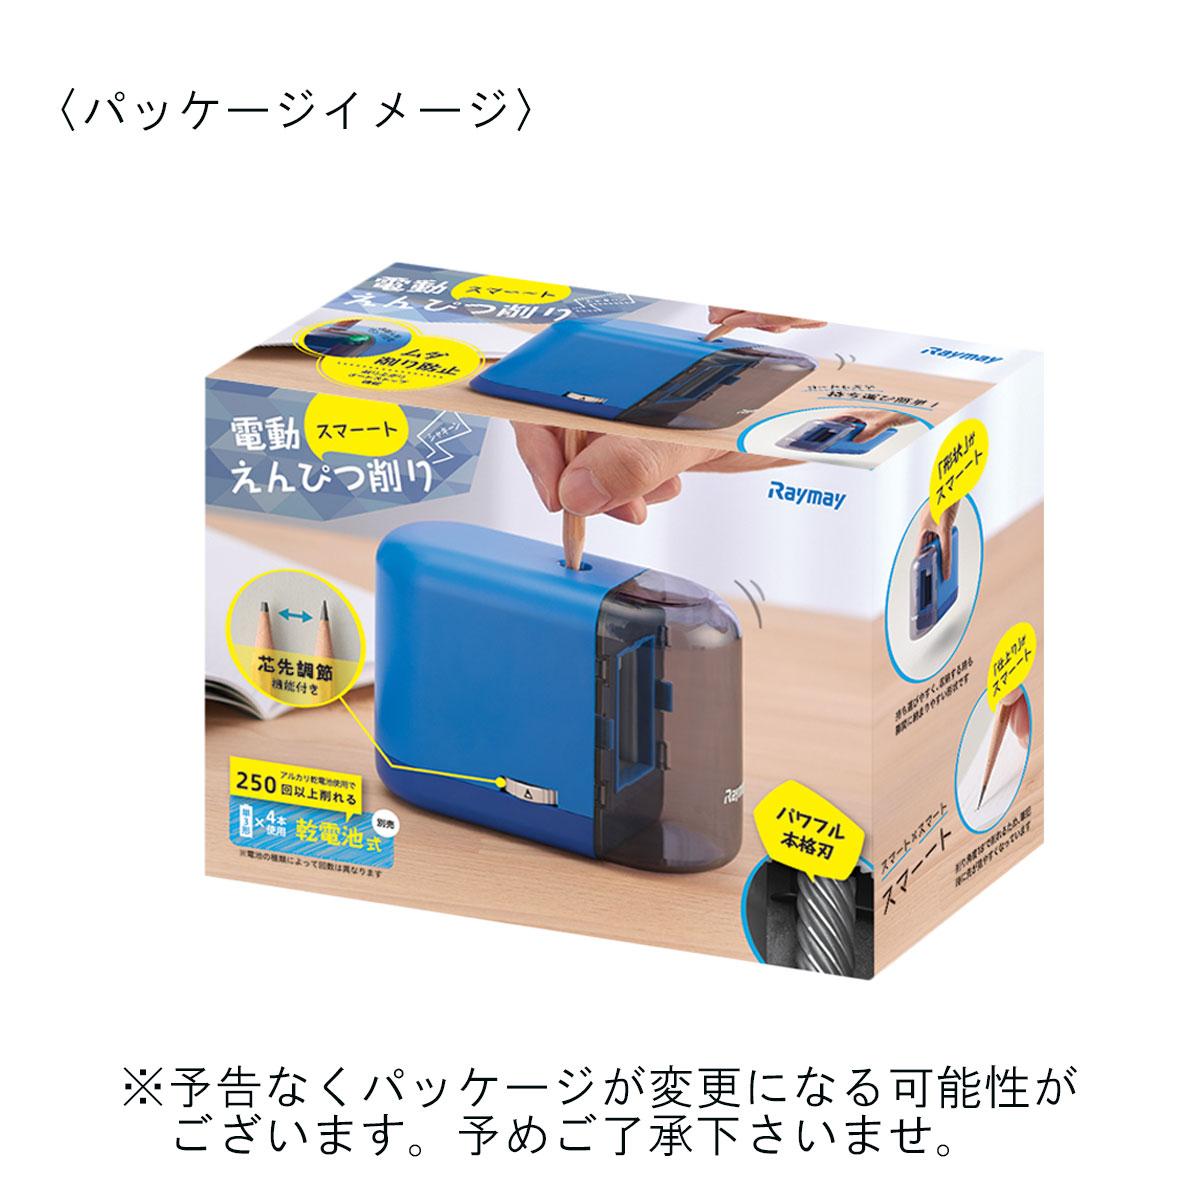 レイメイ藤井 電動スマートえんぴつ削り